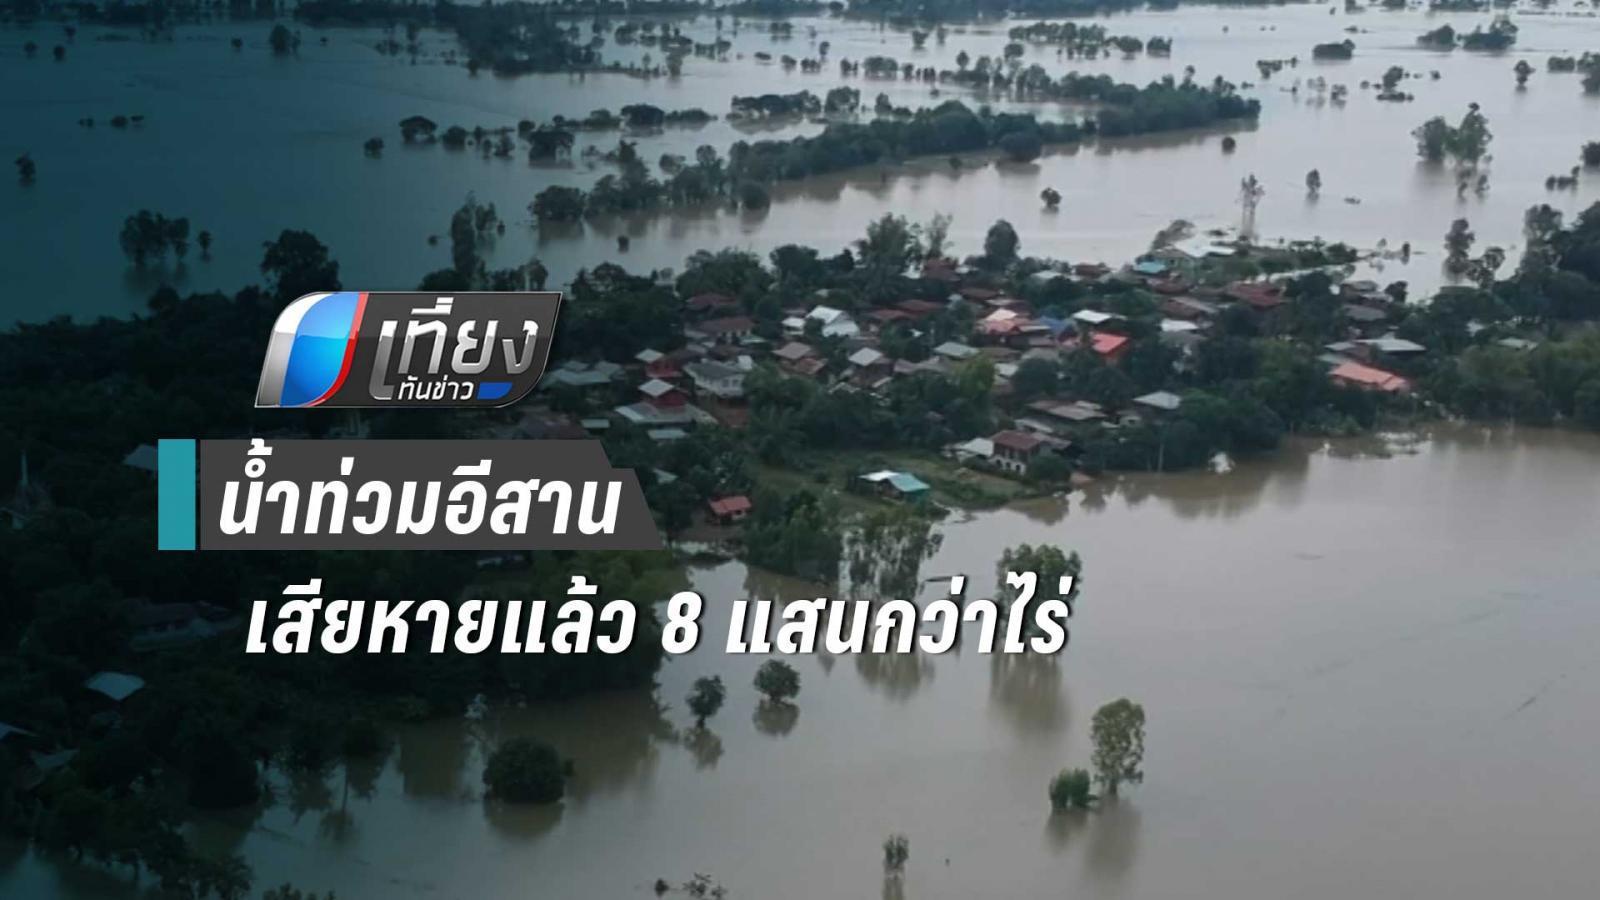 จิสด้า เผย น้ำท่วมอีสานเสียหายแล้ว 8 แสนกว่าไร่